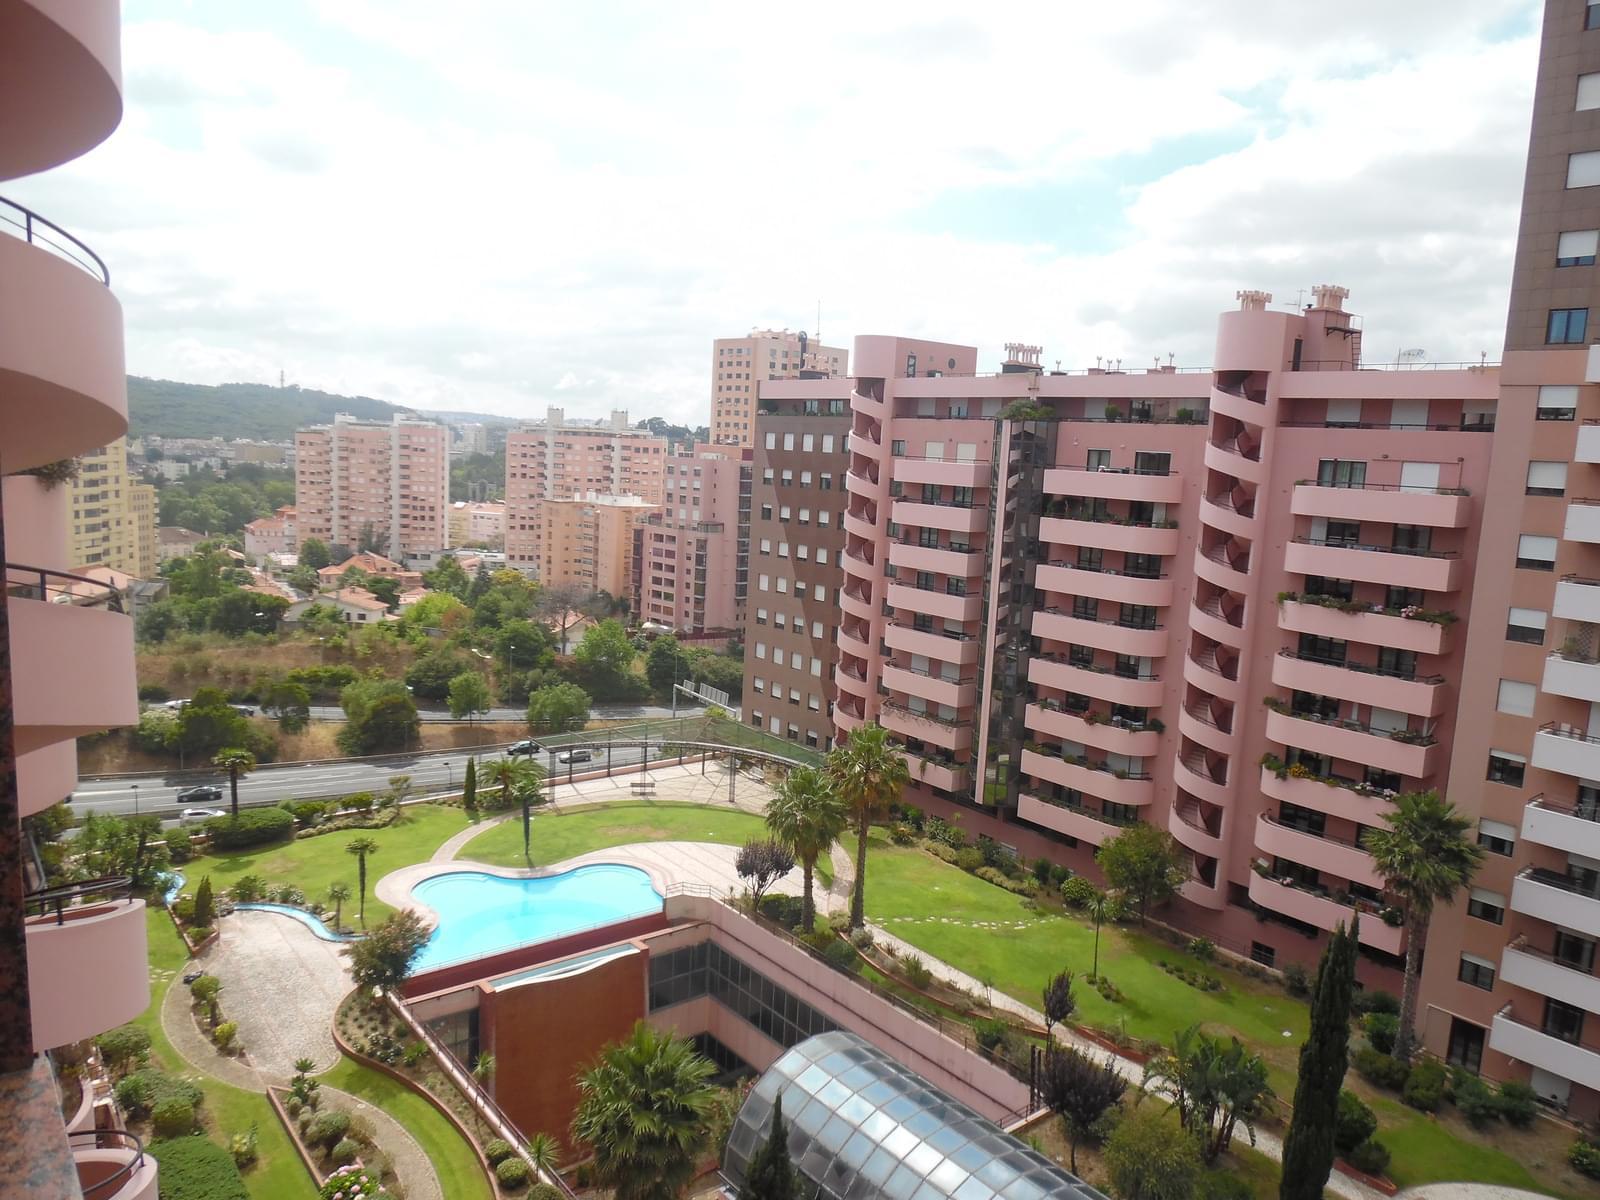 pf17637-apartamento-t2-lisboa-9a1c3633-417f-47ef-9cfe-6477806a7414